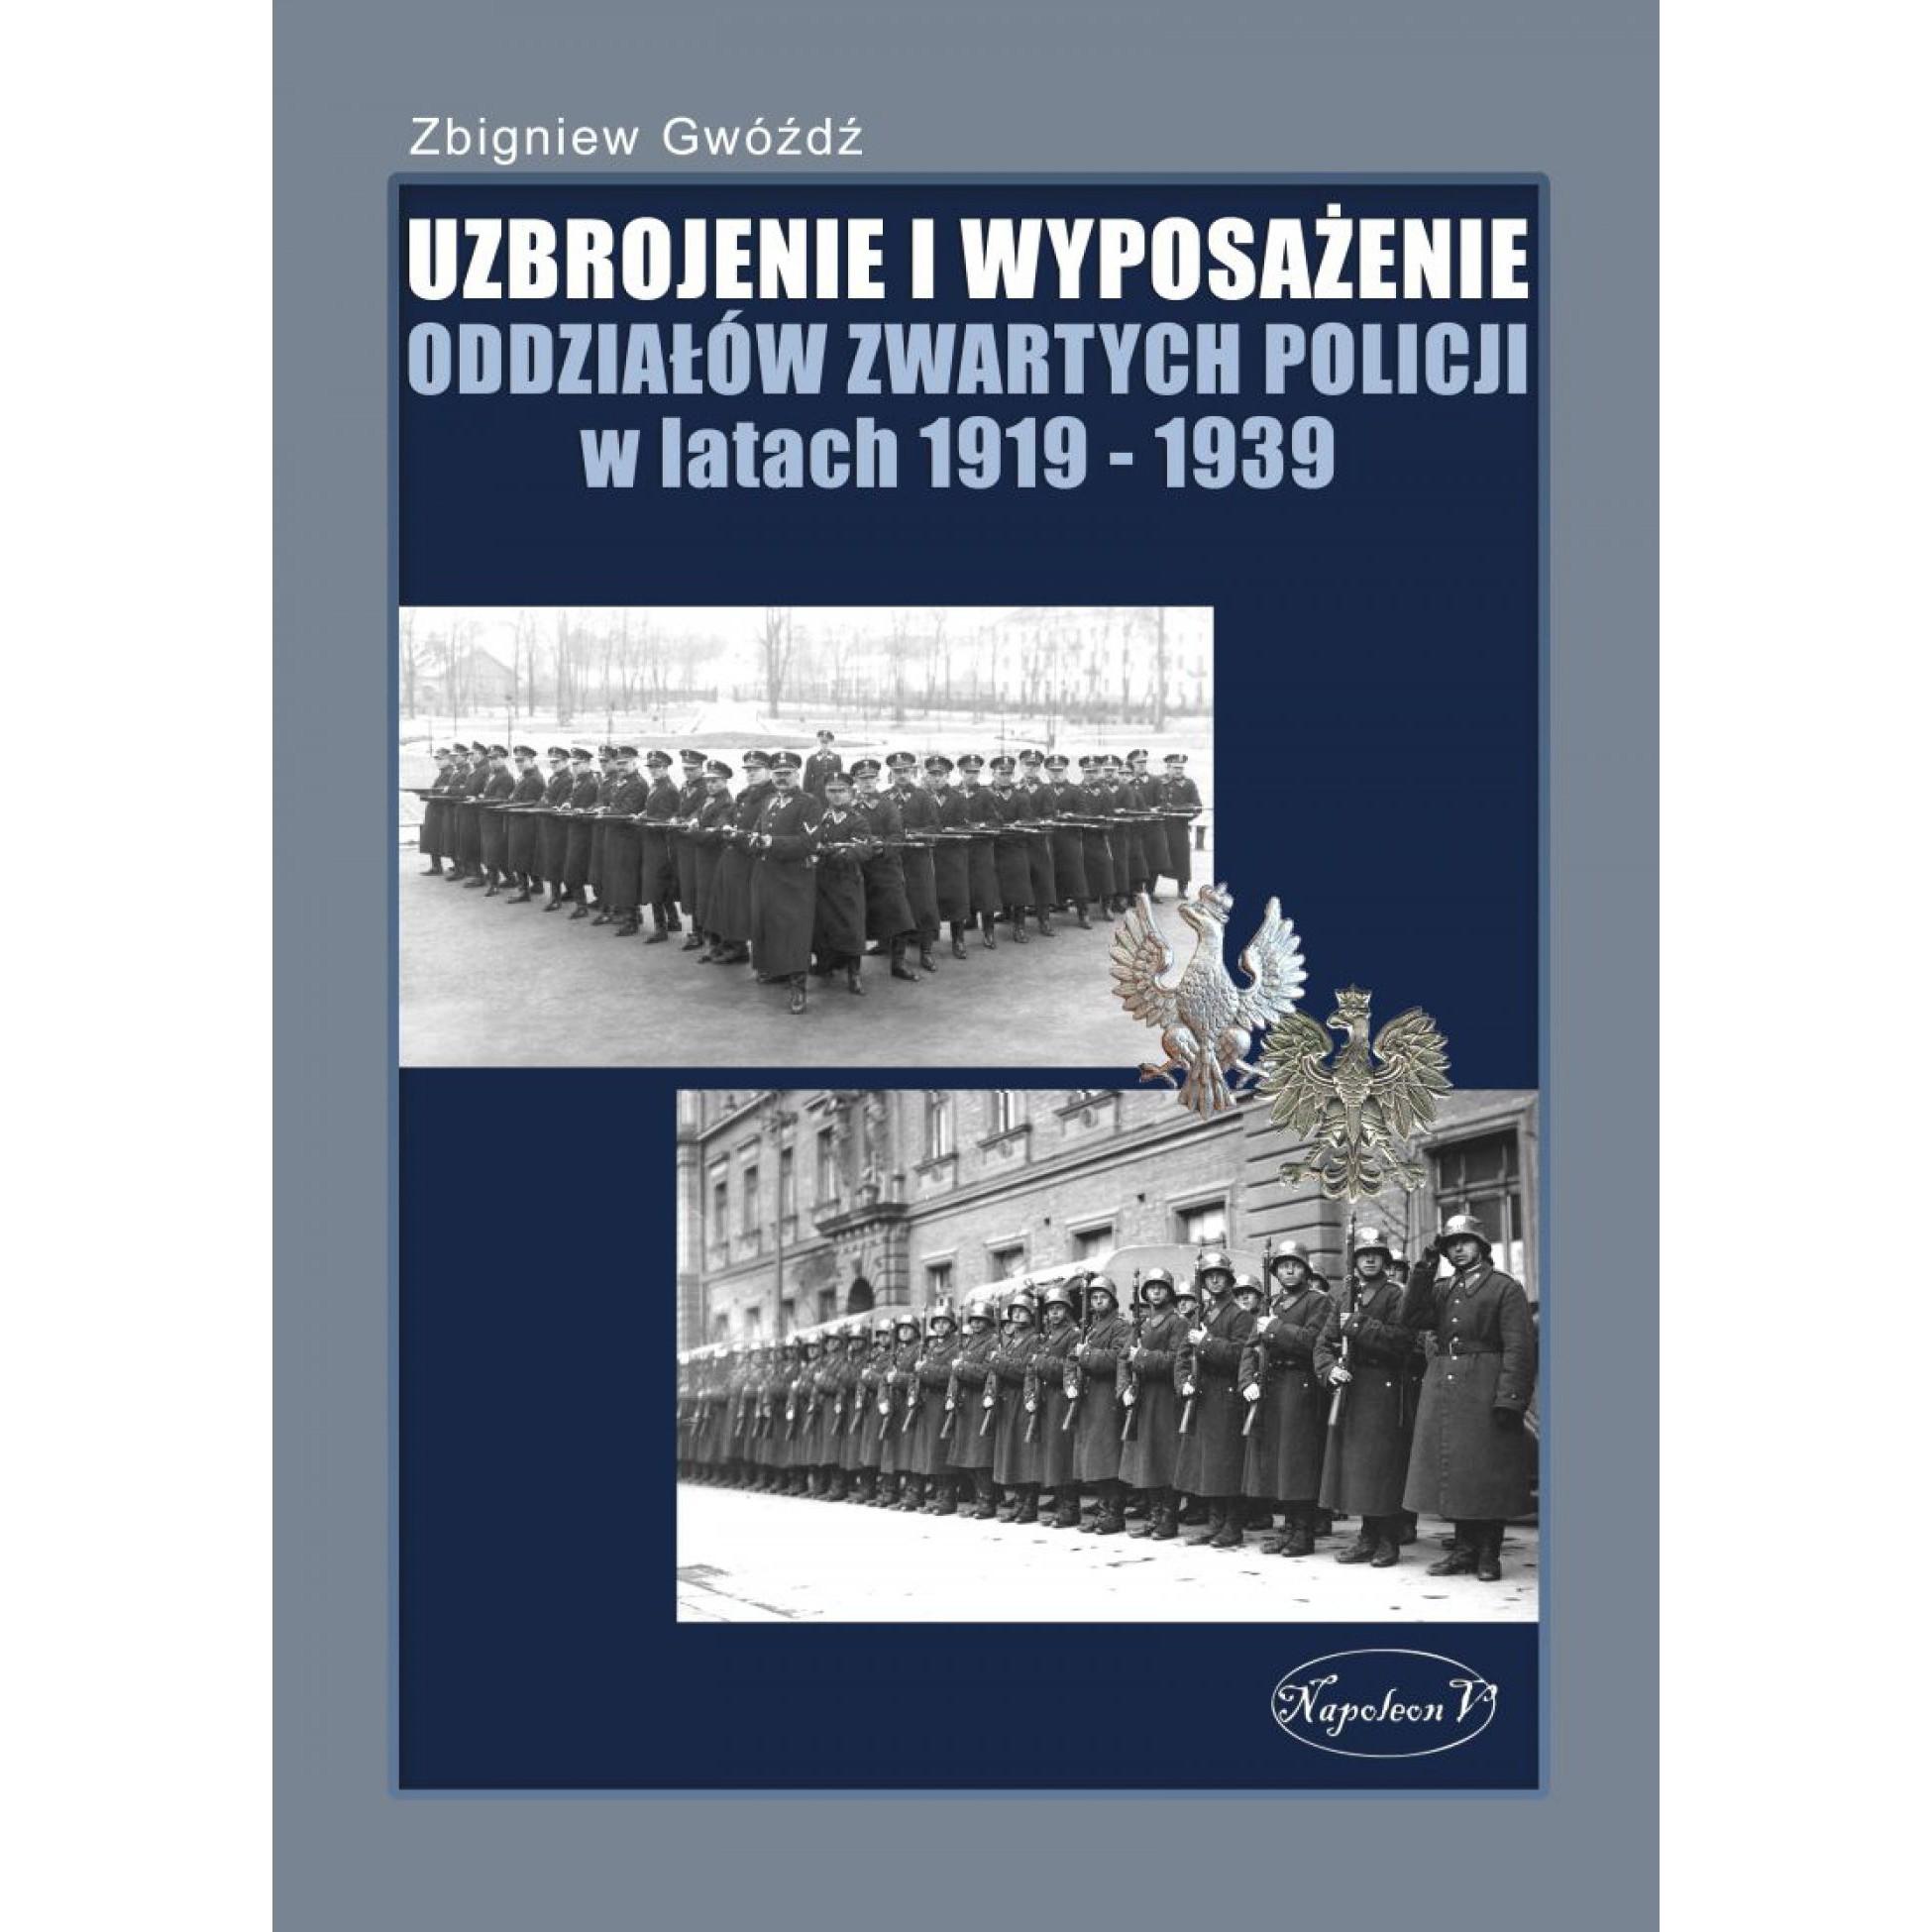 Uzbrojenie i Wyposażenie Oddziałów Zwartych Policji w latach 1919-1939